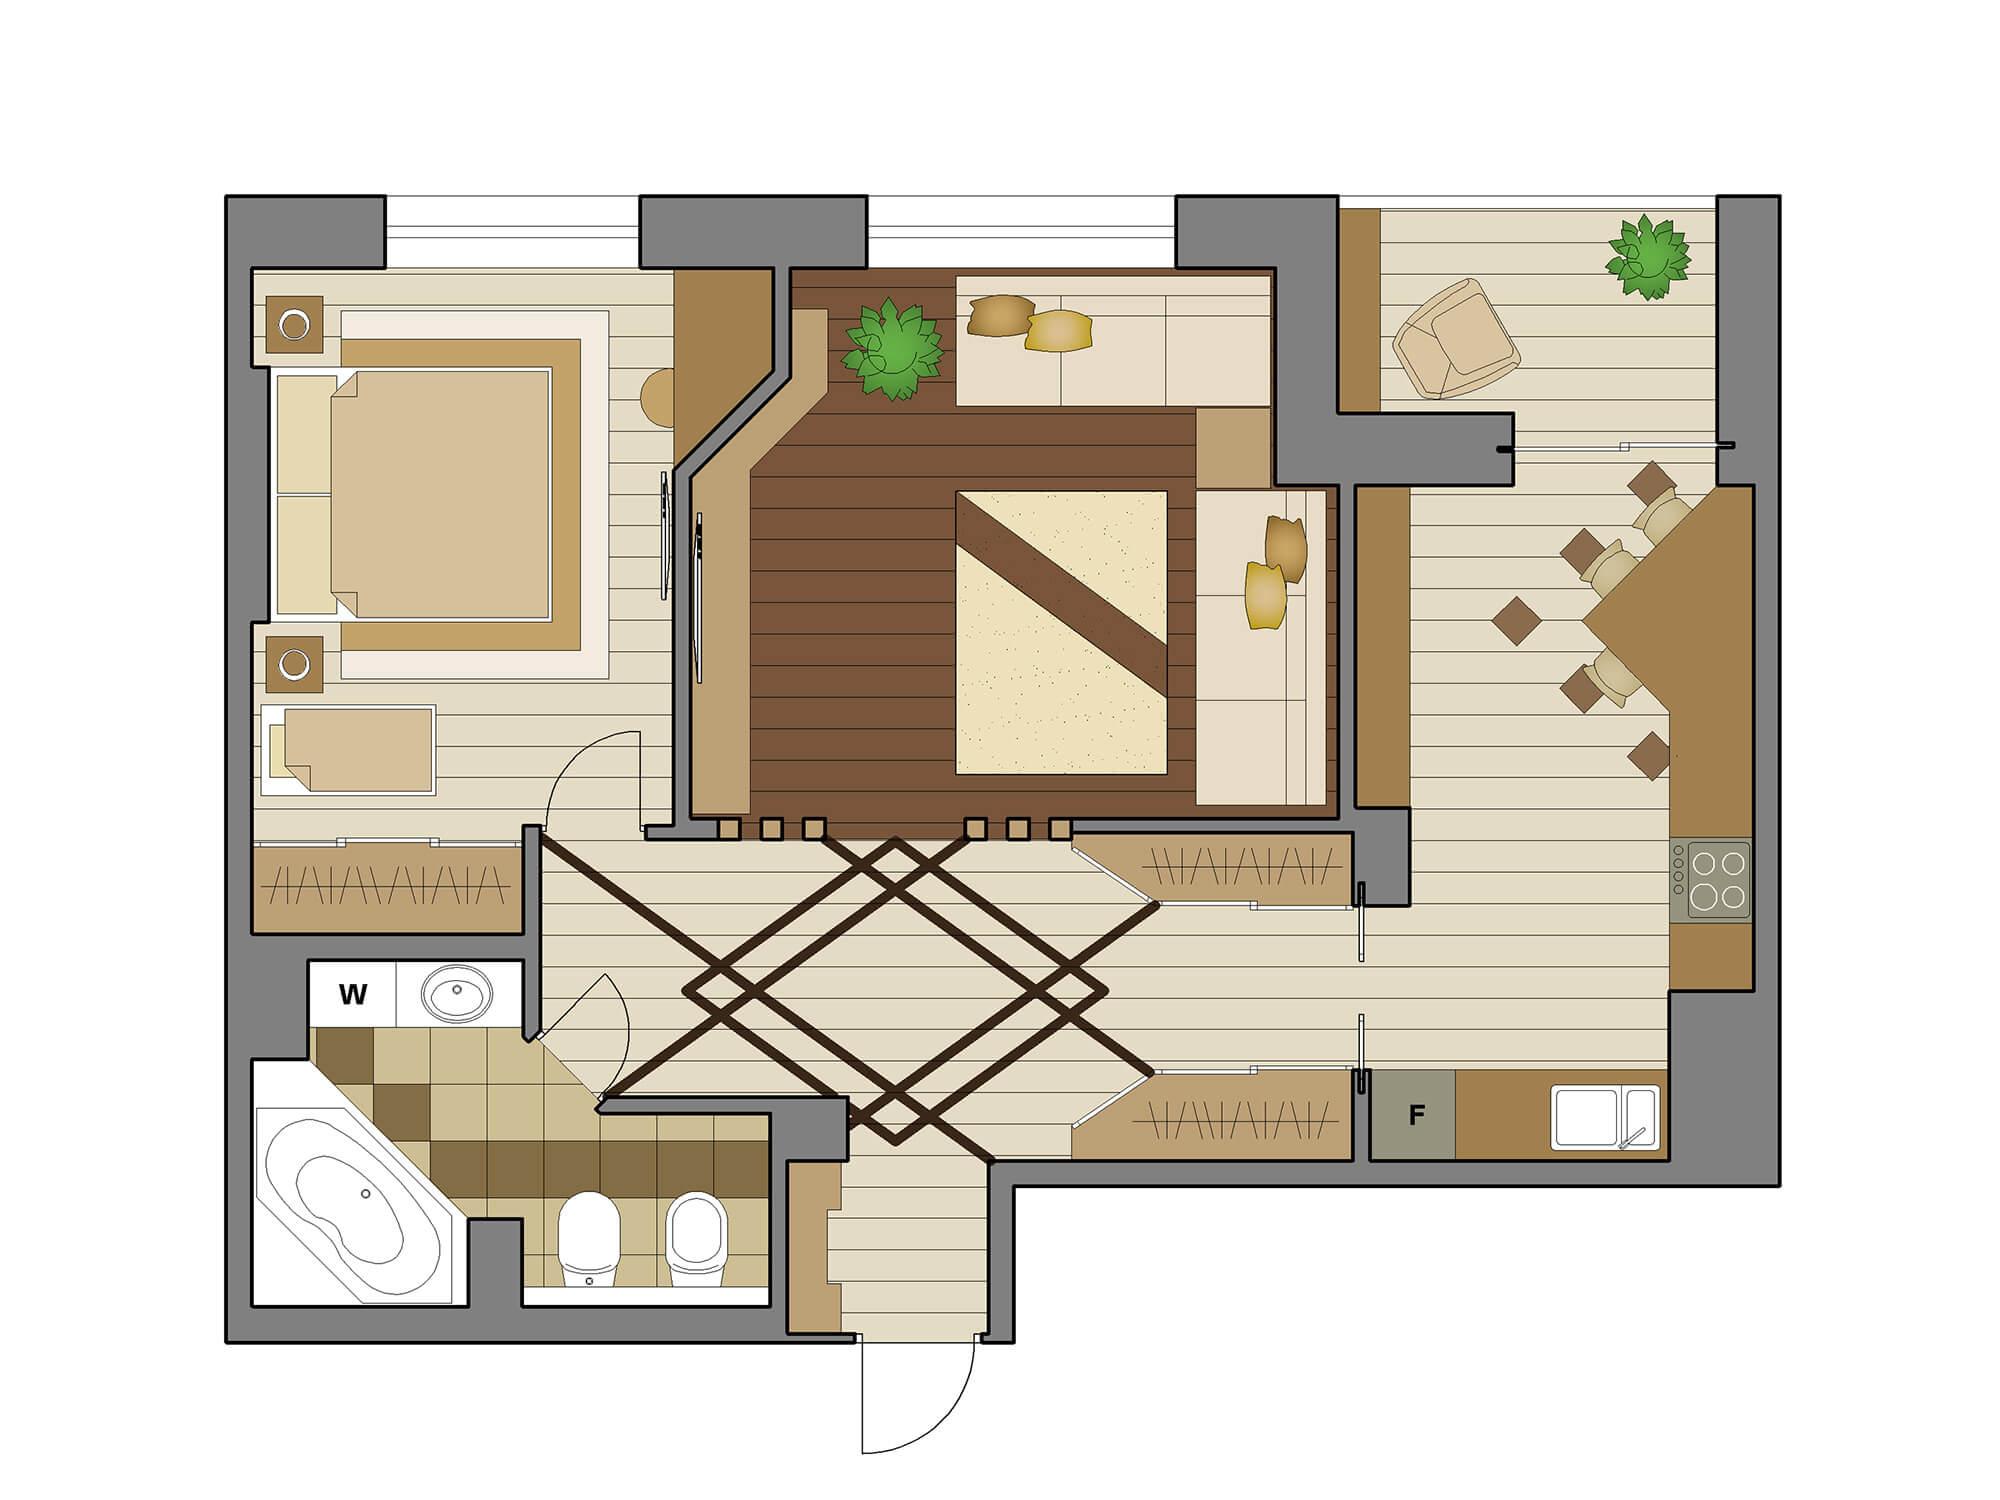 перепланировка 2х комнатной квартиры хрущевки